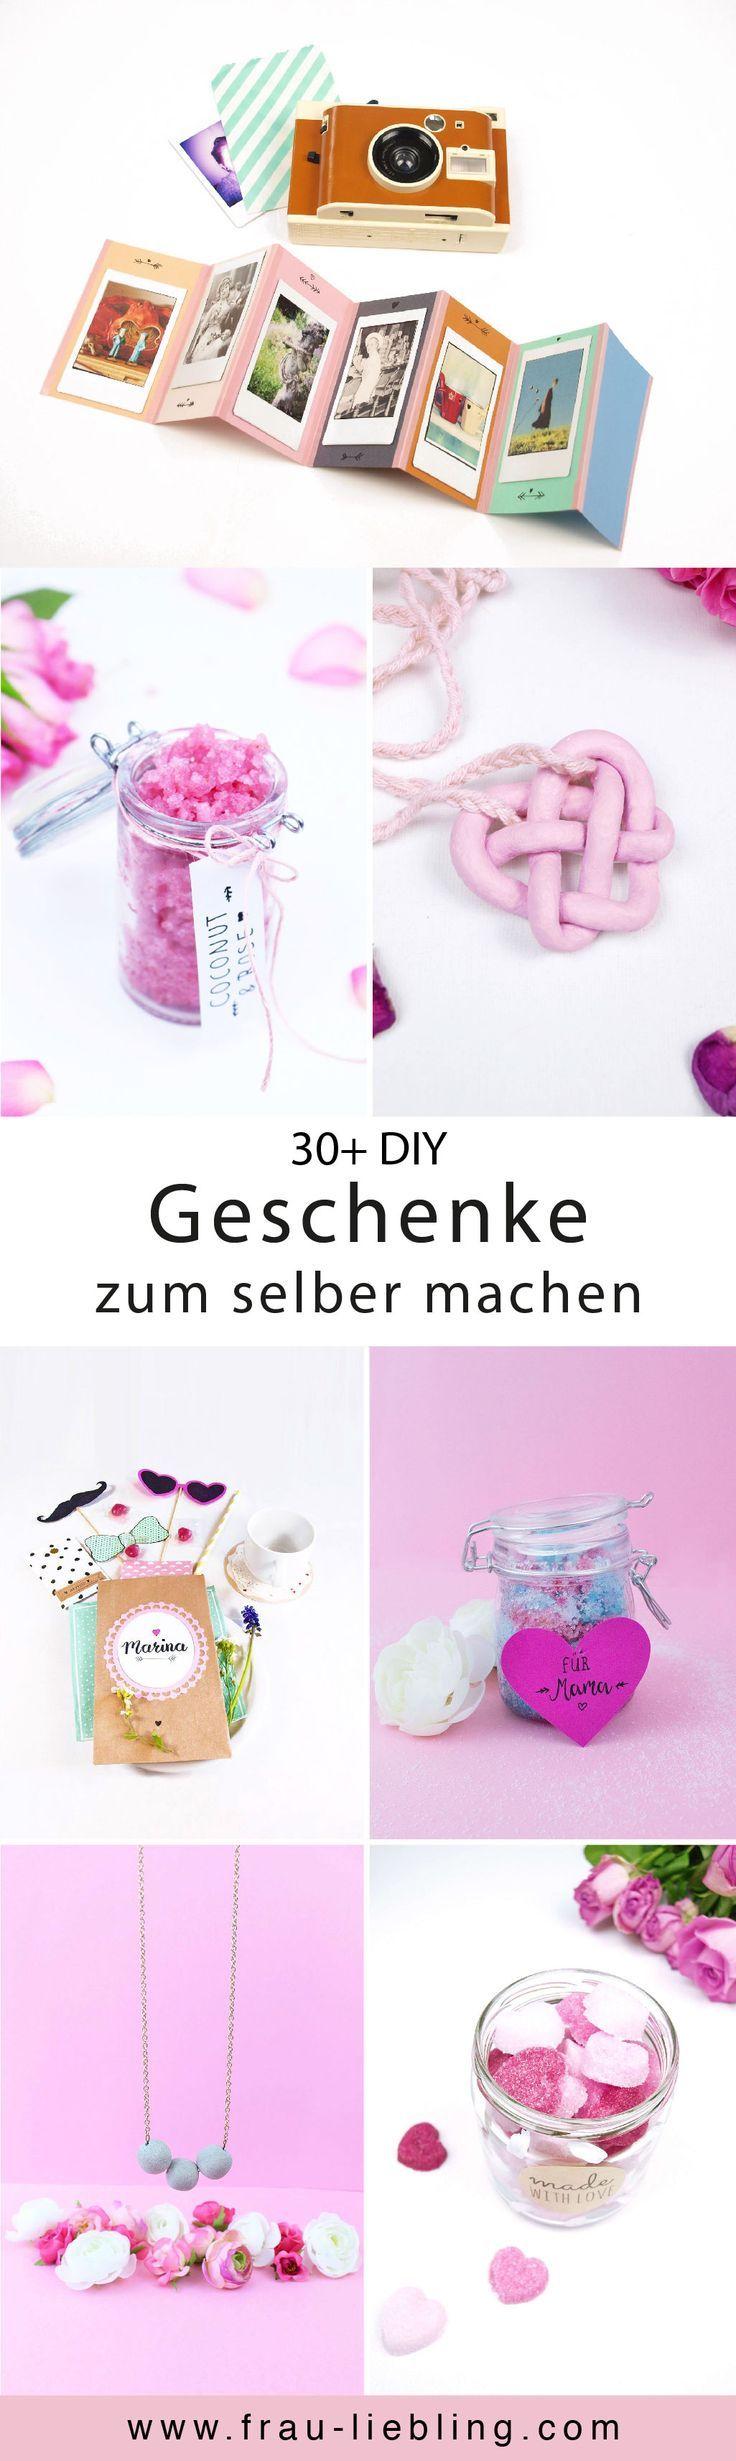 DIY Glückskekse aus Papier basteln | Geschenkideen | Pinterest